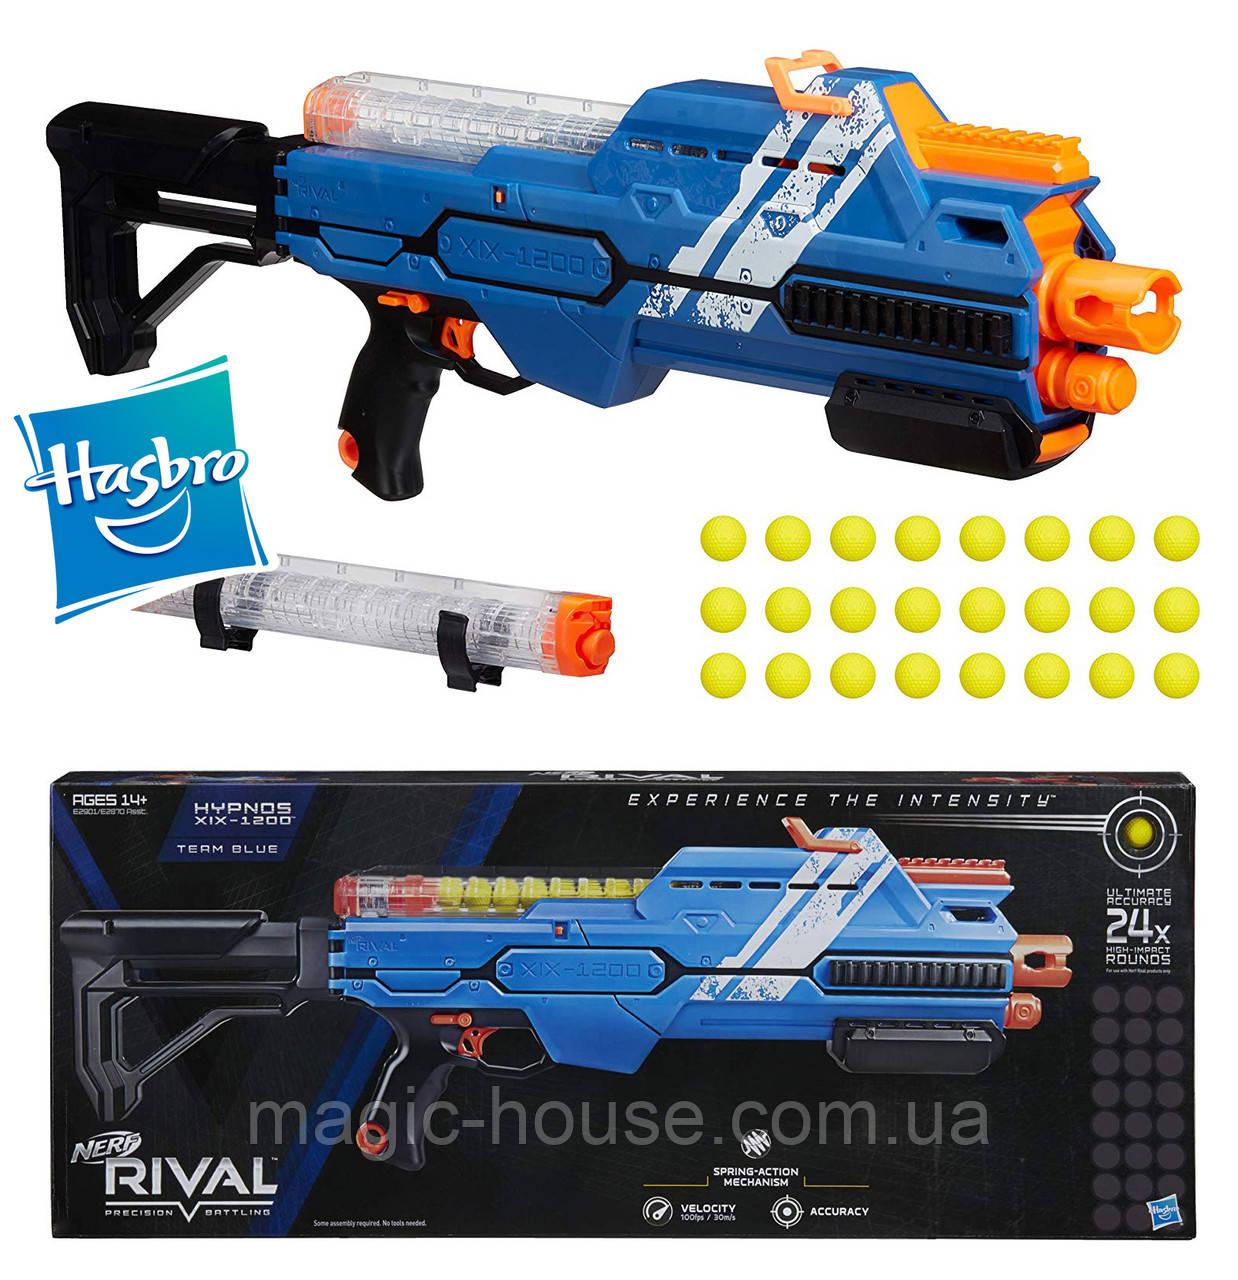 Нерф Бластер Райвал Гіпноз NERF Rival Gypnos XIX-1200 (Blue) оригінал від Hasbro